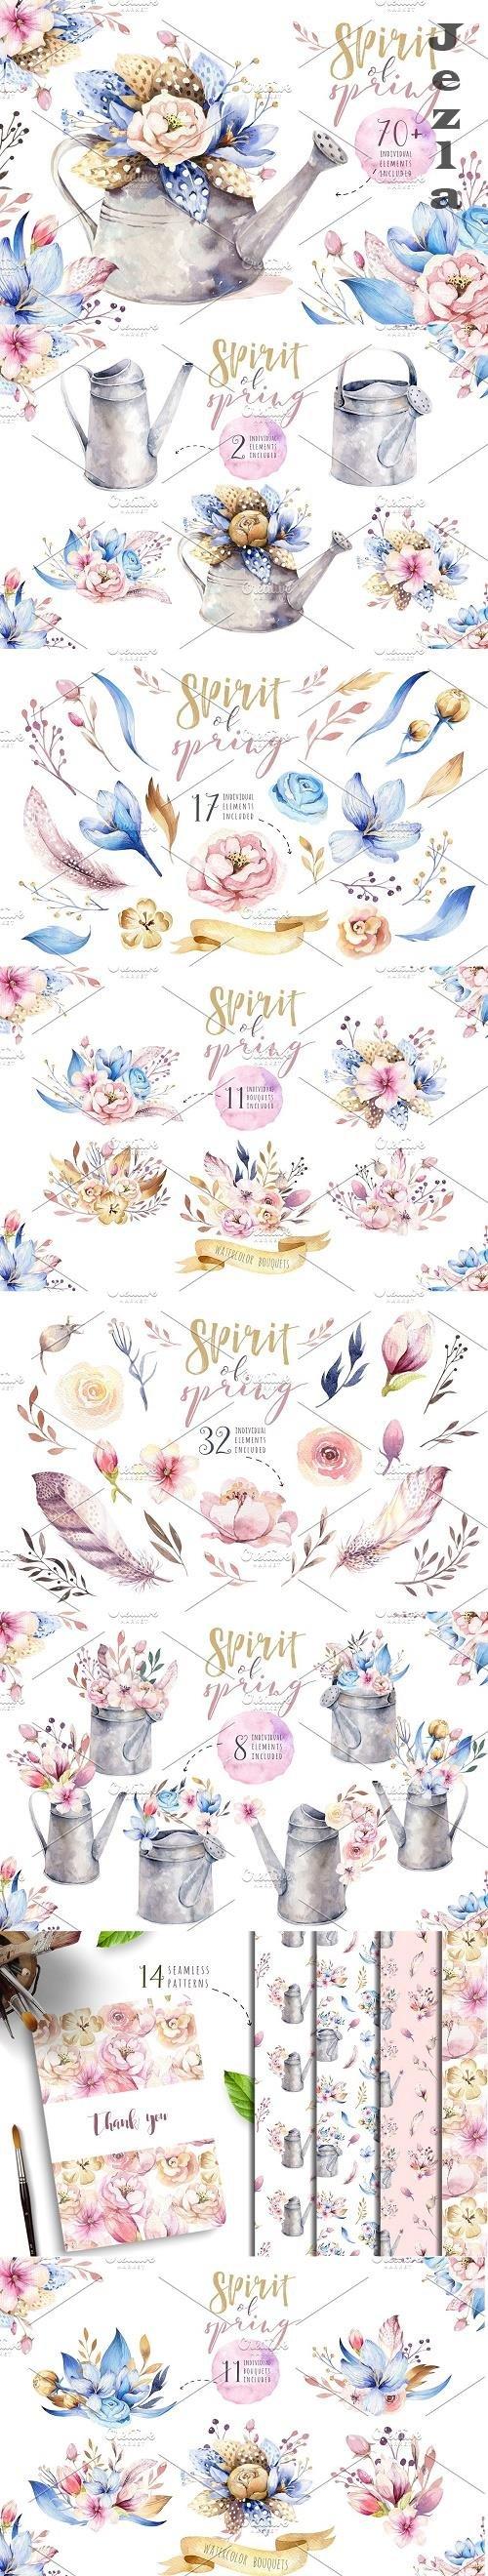 Spirit of spring - 2316413